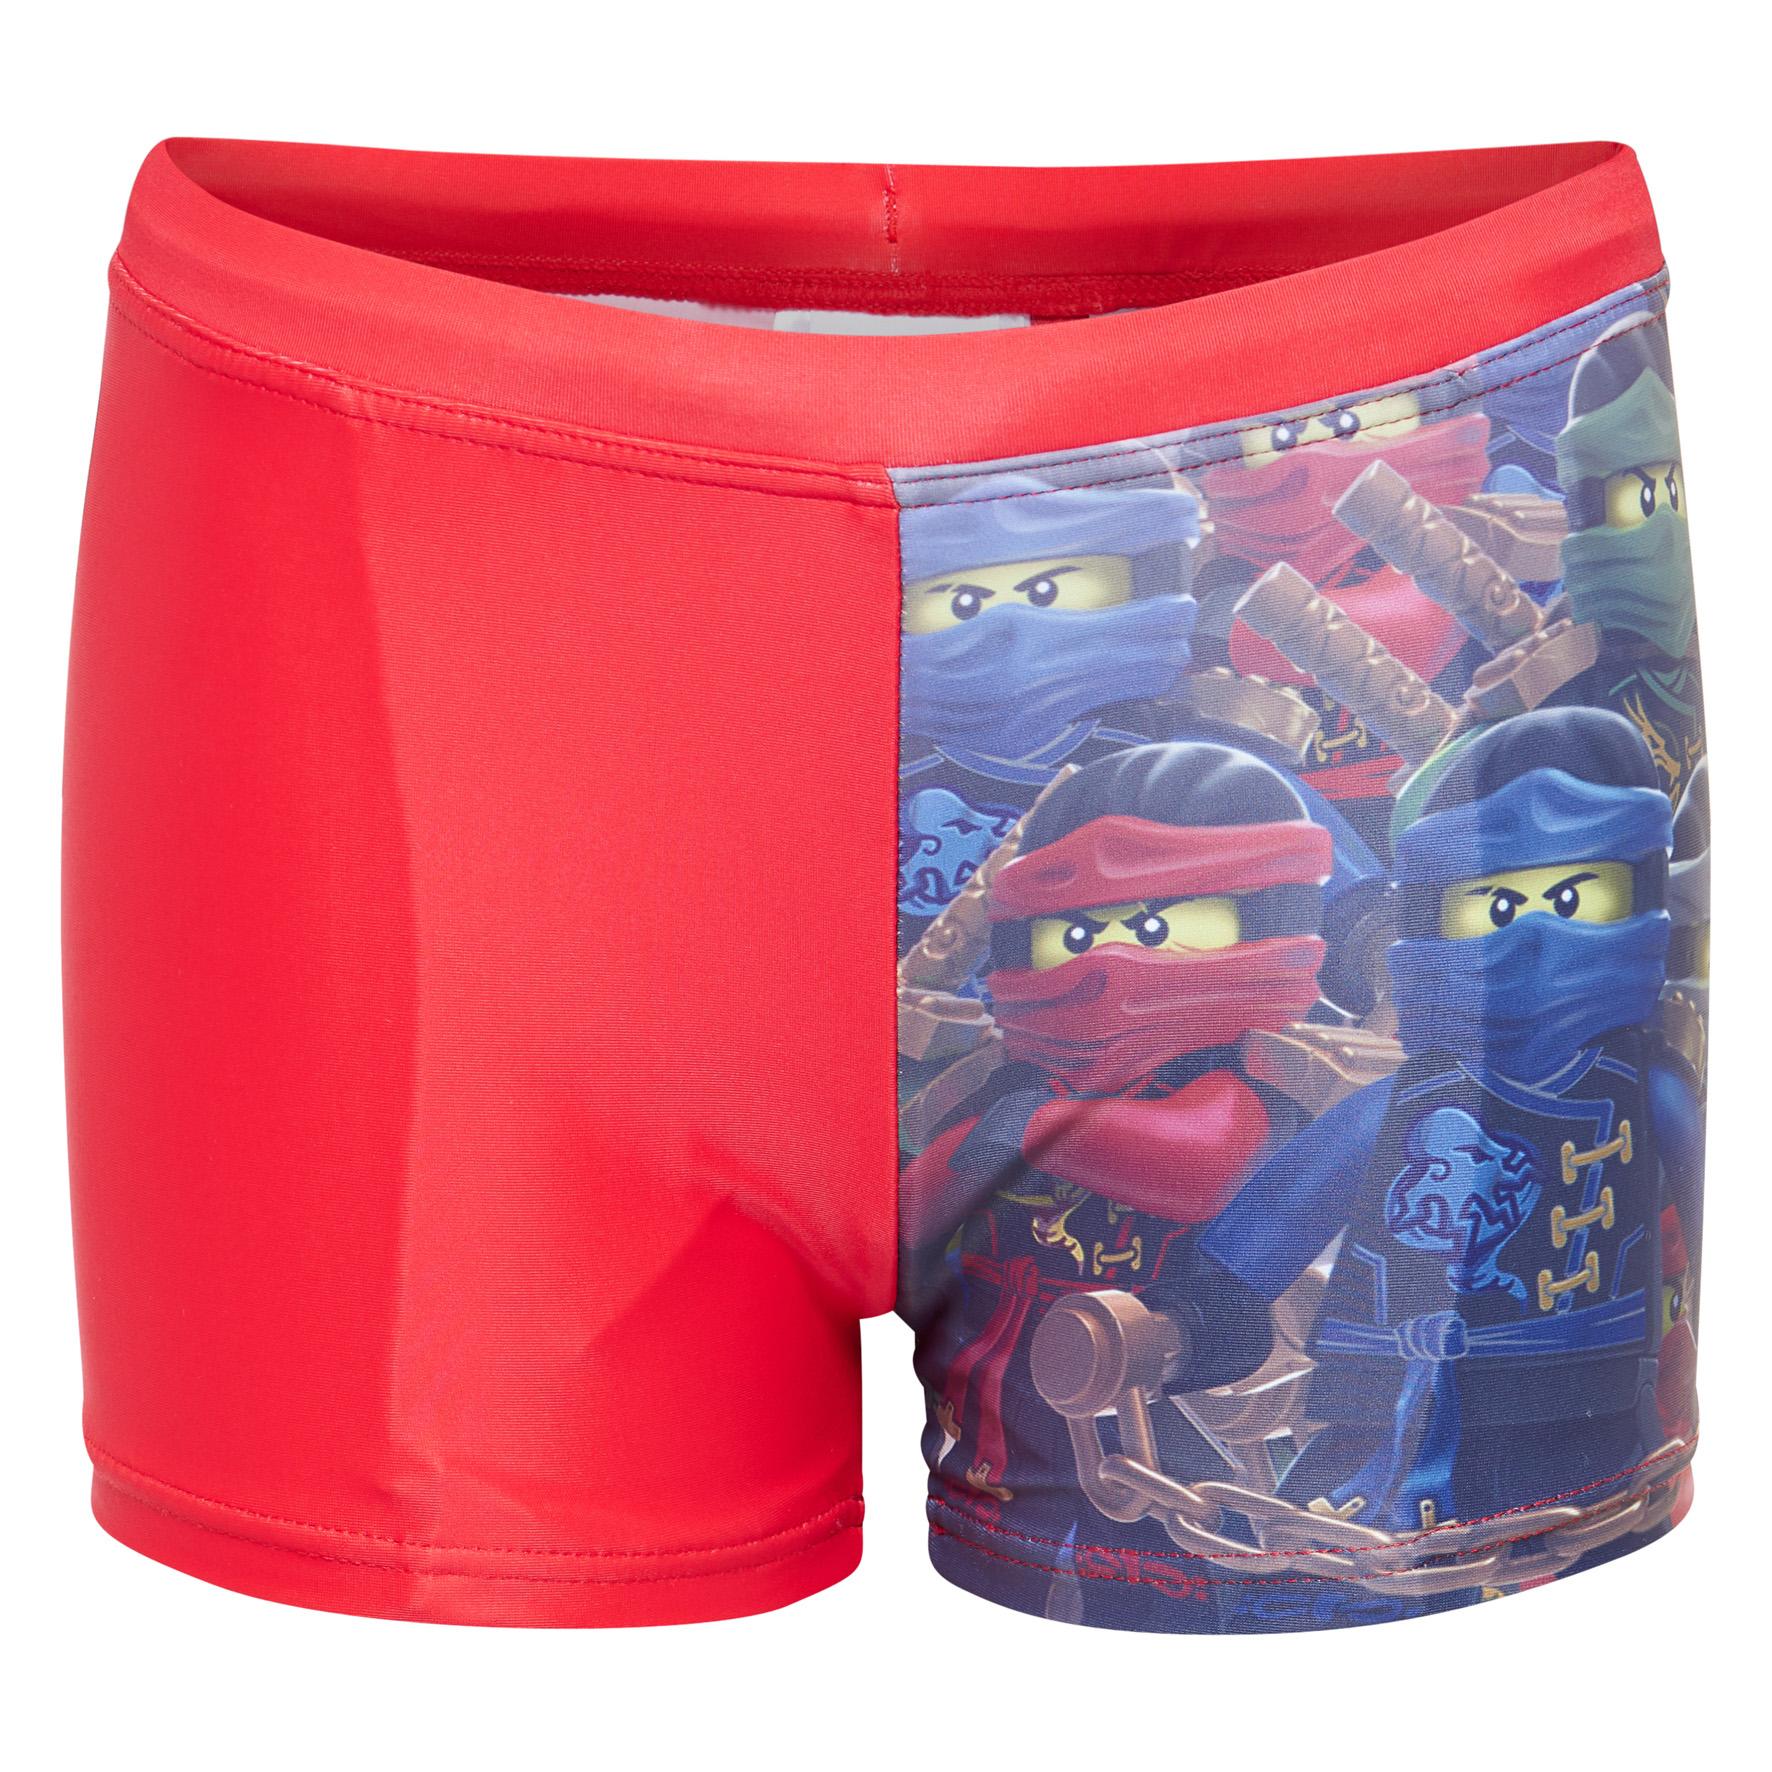 Lego Wear Girls Swim Shorts